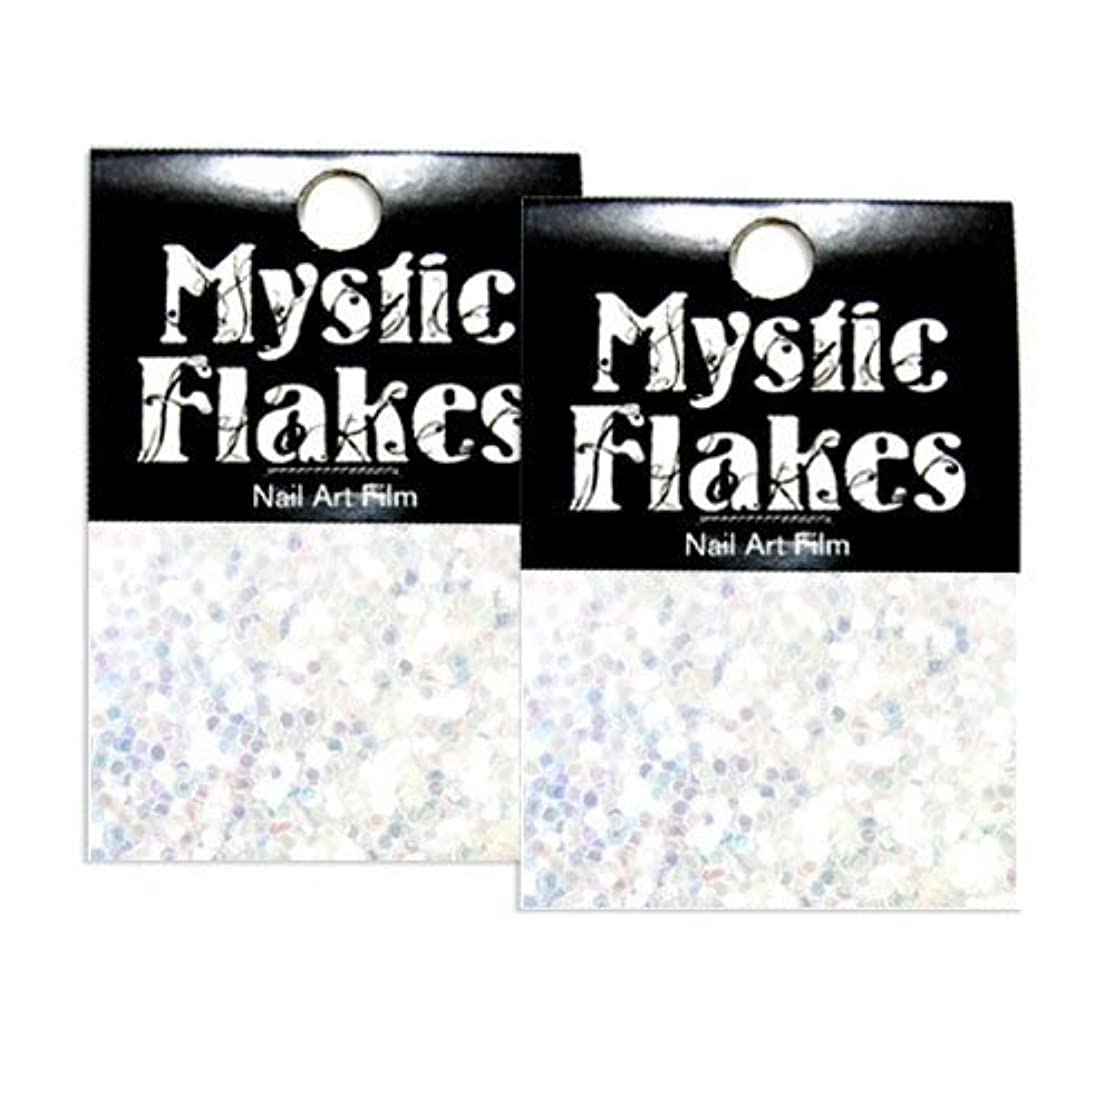 均等に驚いたことに他にミスティックフレース ネイル用ストーン オーロラホワイト ヘキサゴン 1mm 0.5g 2個セット